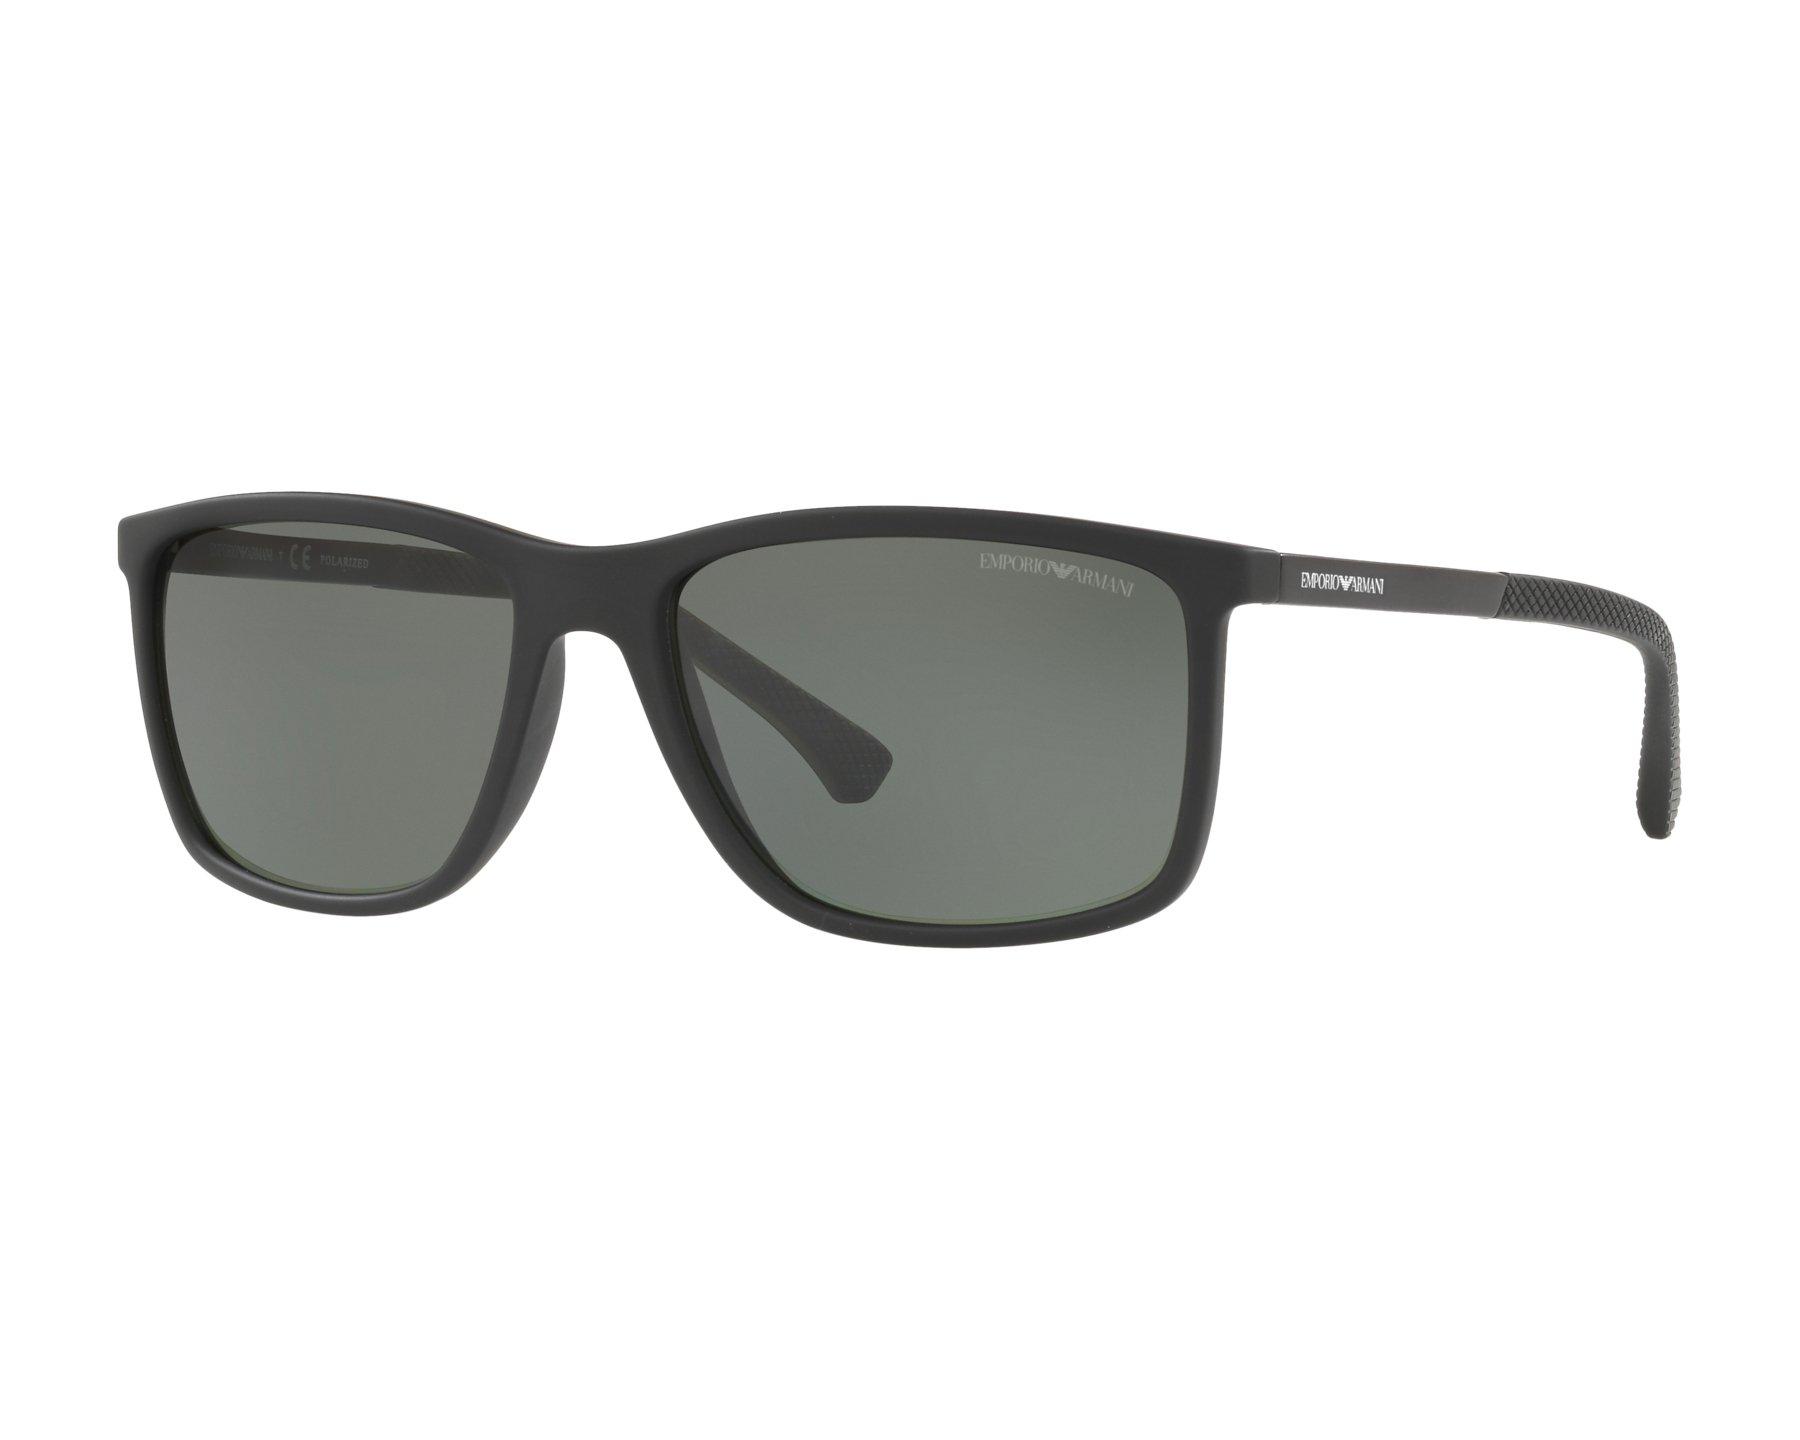 f8796d4f00a Sunglasses Emporio Armani EA-4058 56539A 58-17 Black Black